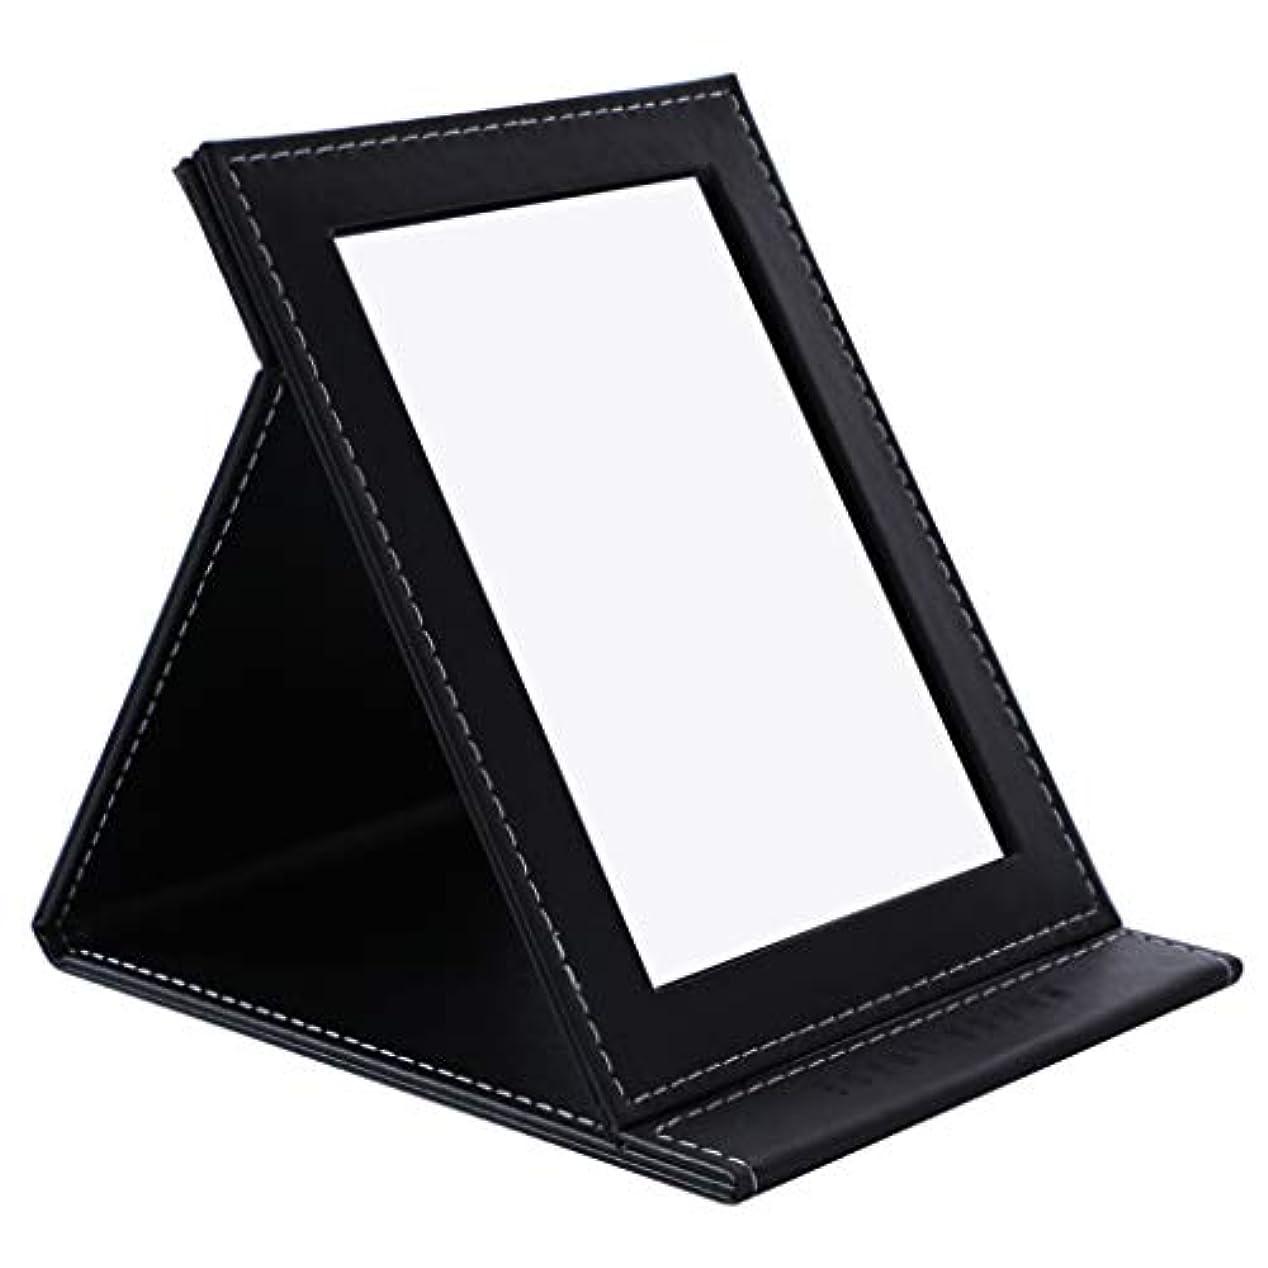 オーチャード予測傷つきやすいデスクトップの虚栄心ミラーHD折りたたみミラー卓上化粧鏡ポータブル用女の子学生女性,黒